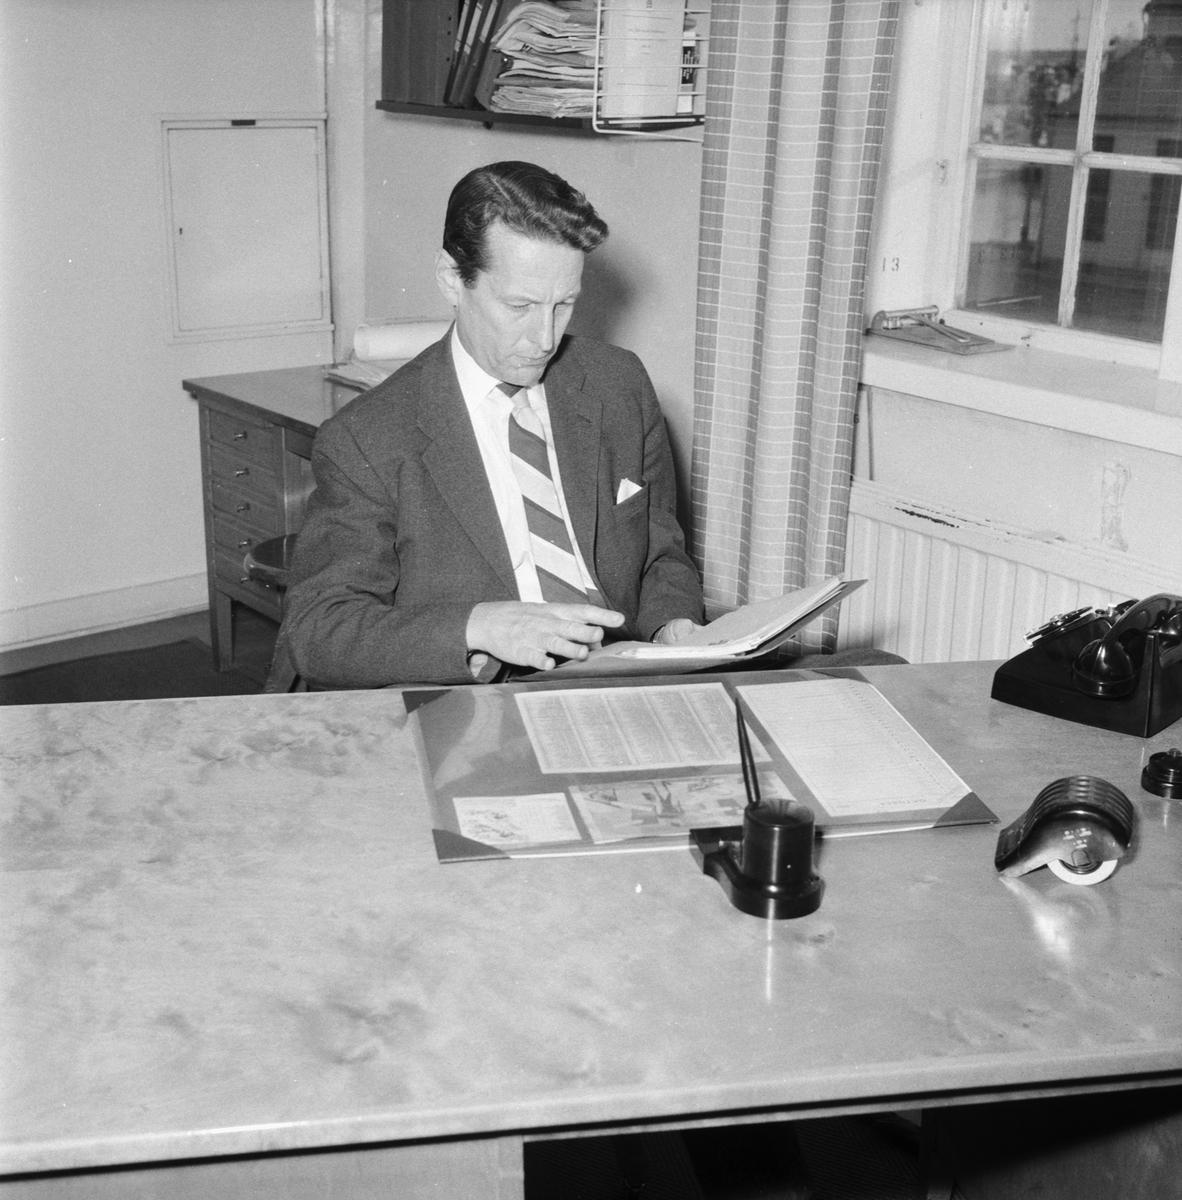 Övrigt: Foto datum: 15/11 1961 Byggnader och kranar Nylander personalchef